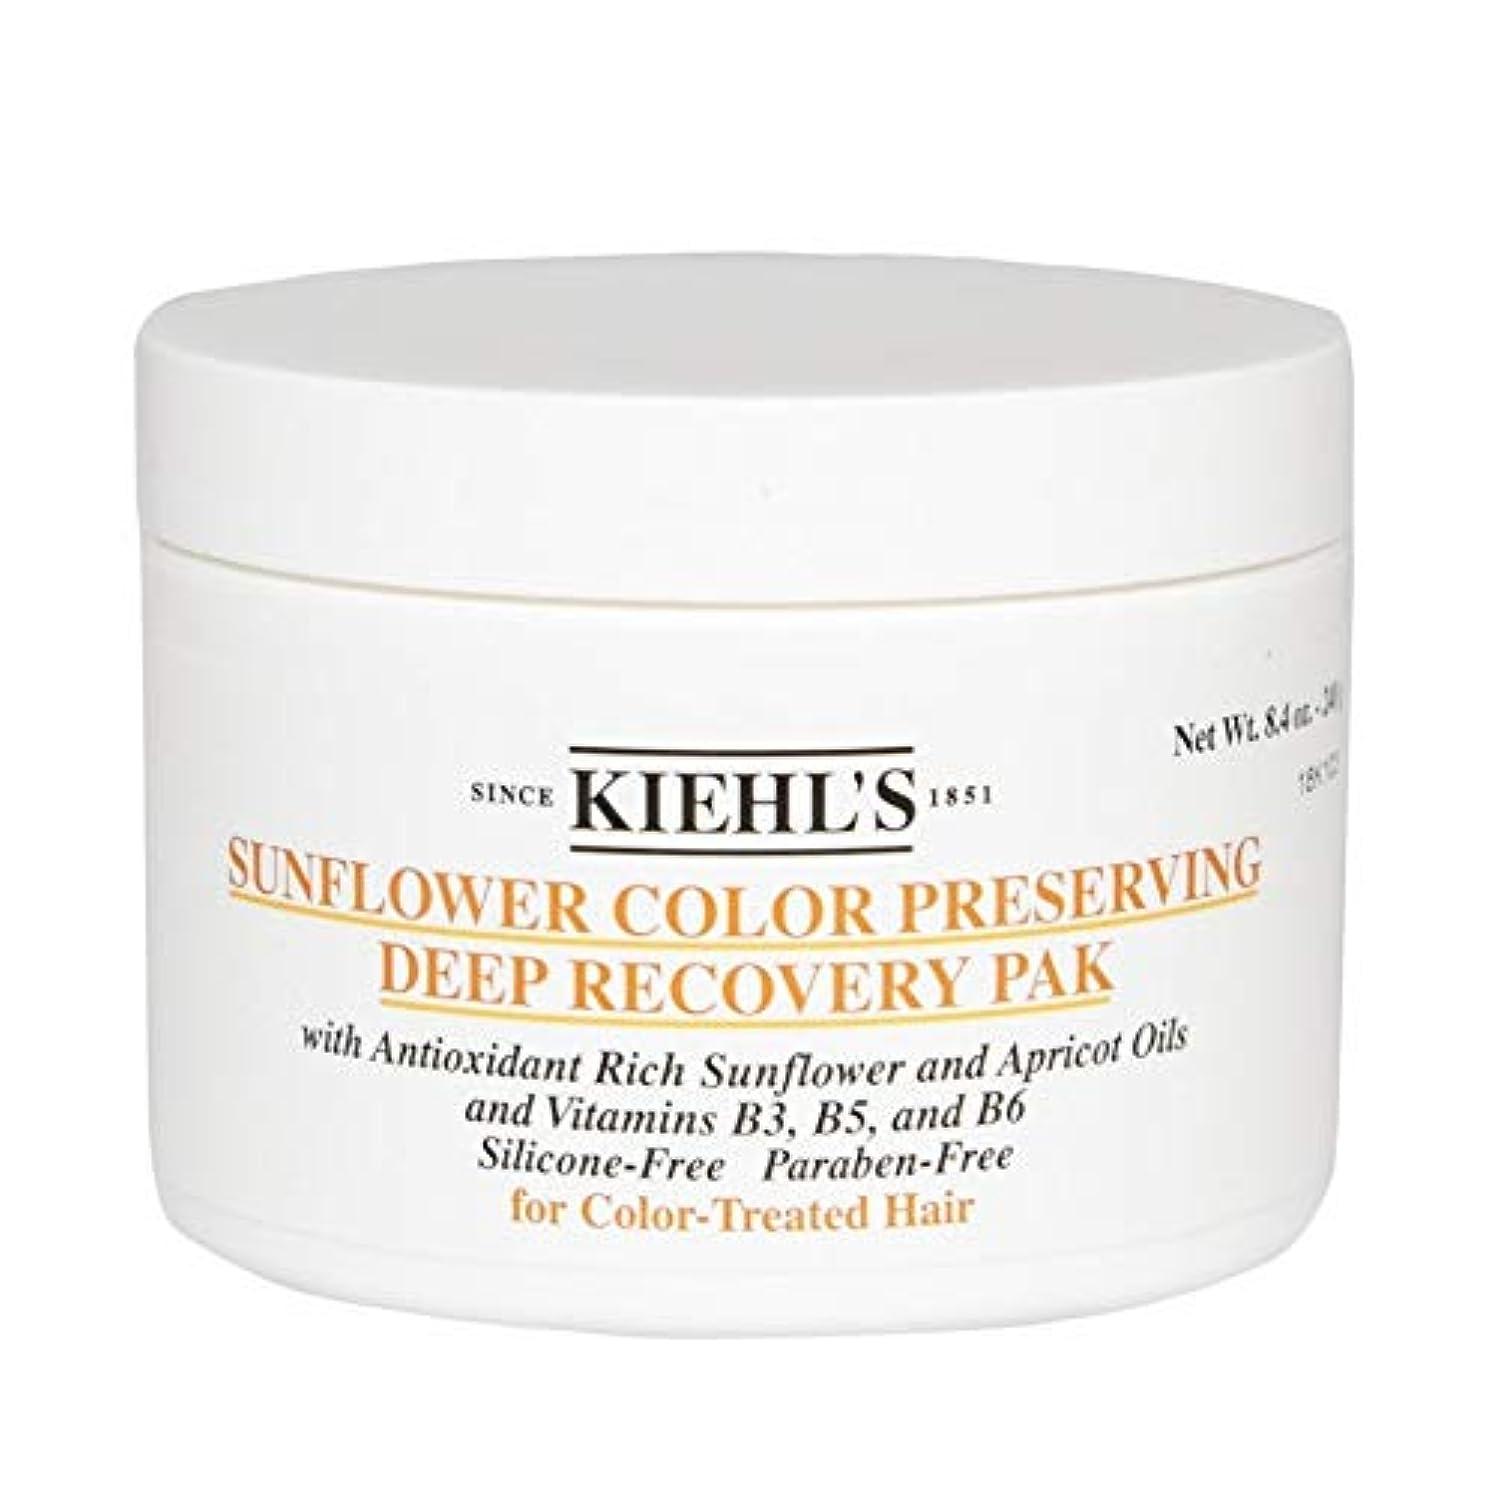 滞在濃度判読できない[Kiehl's ] キールズひまわり色保存深い回復Pak 250グラム - Kiehl's Sunflower Colour Preserving Deep Recovery Pak 250g [並行輸入品]